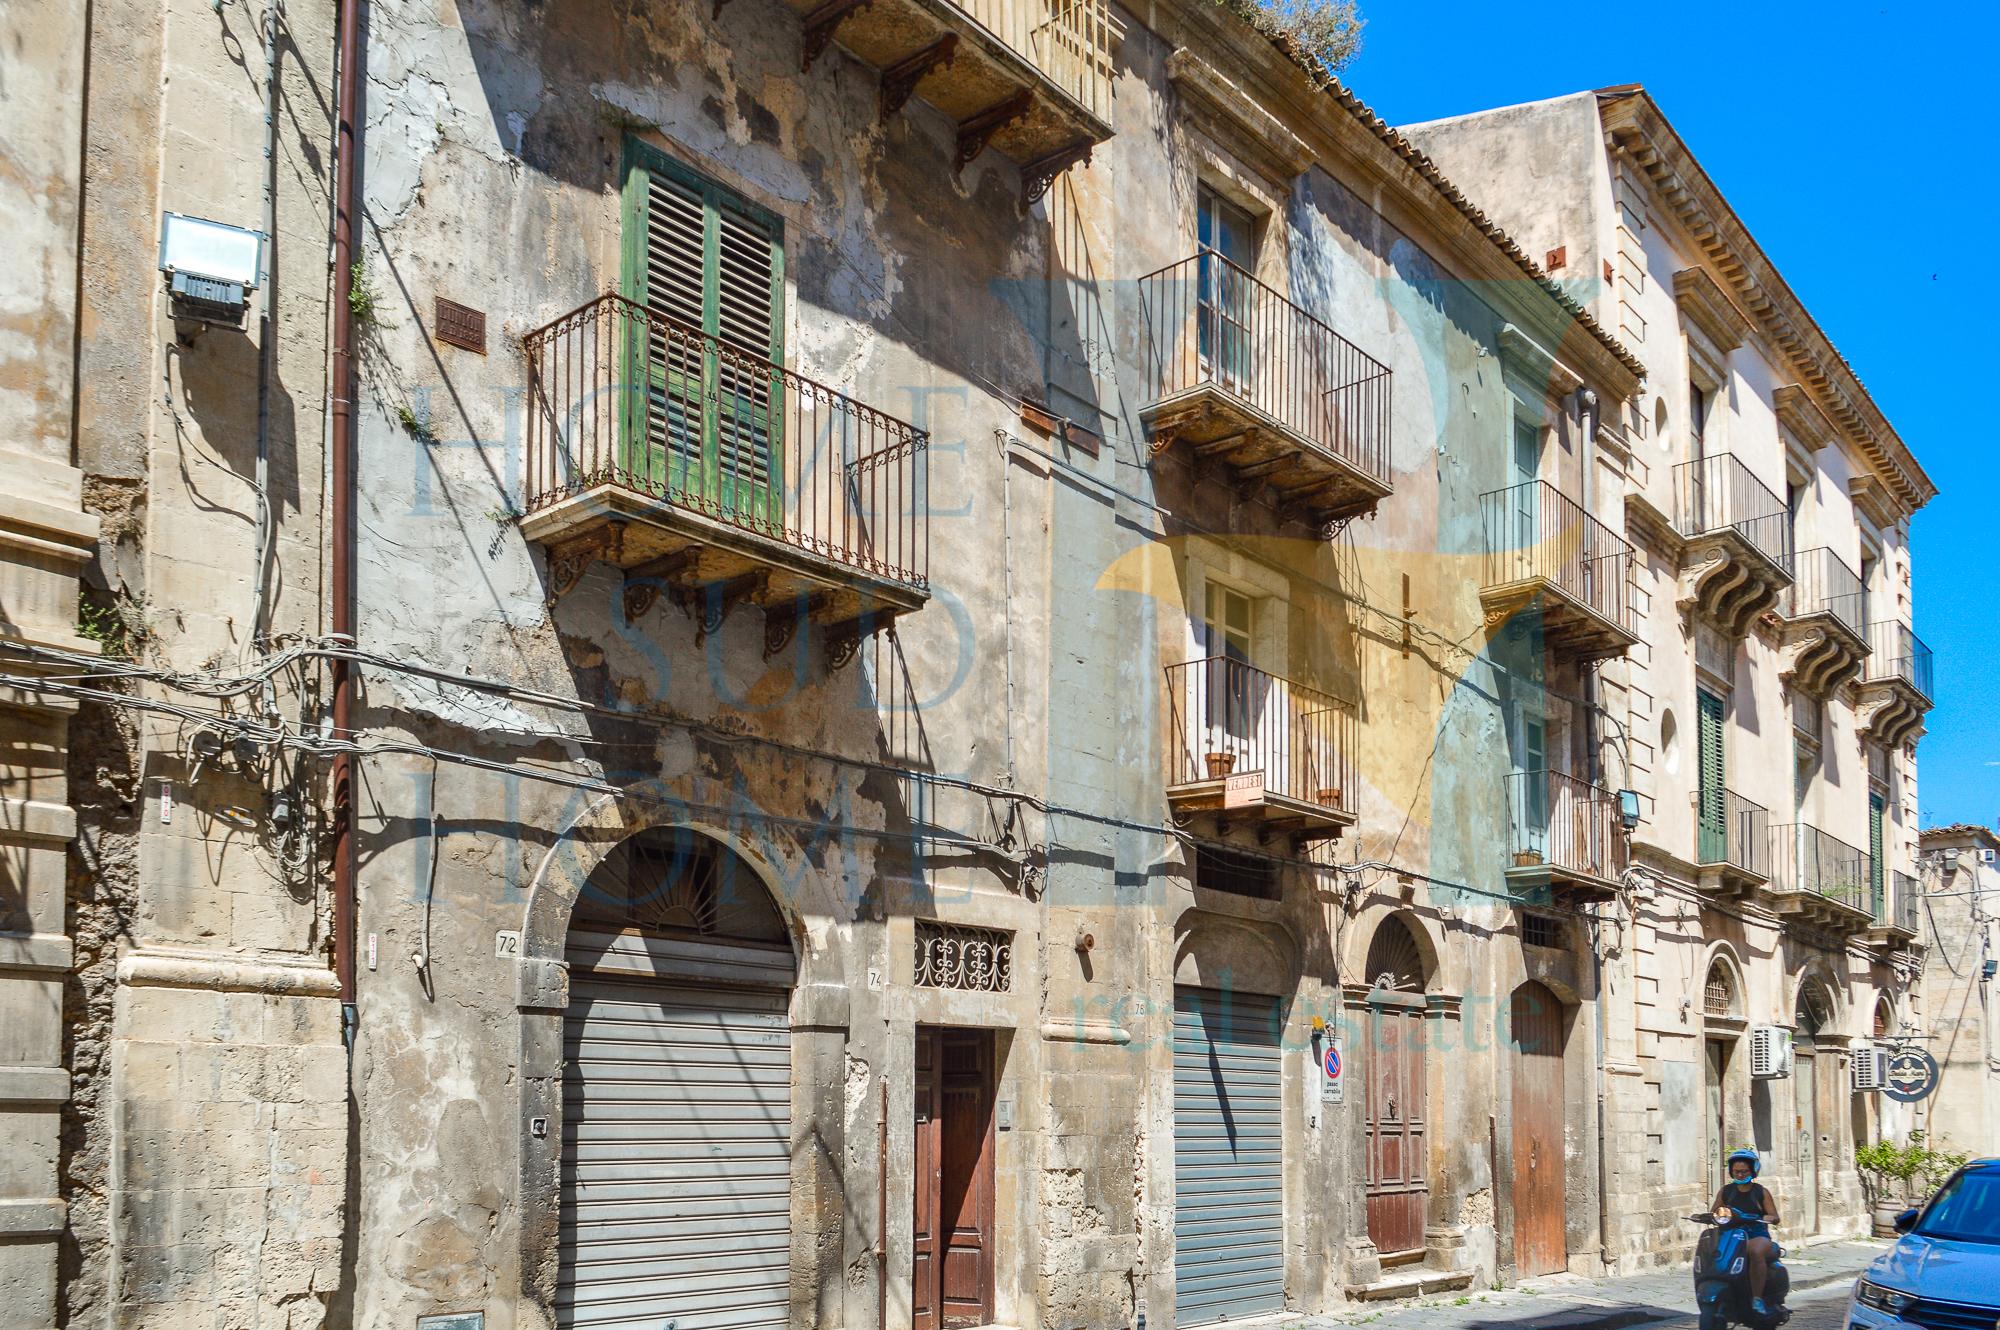 Palazzo Perla Barocca